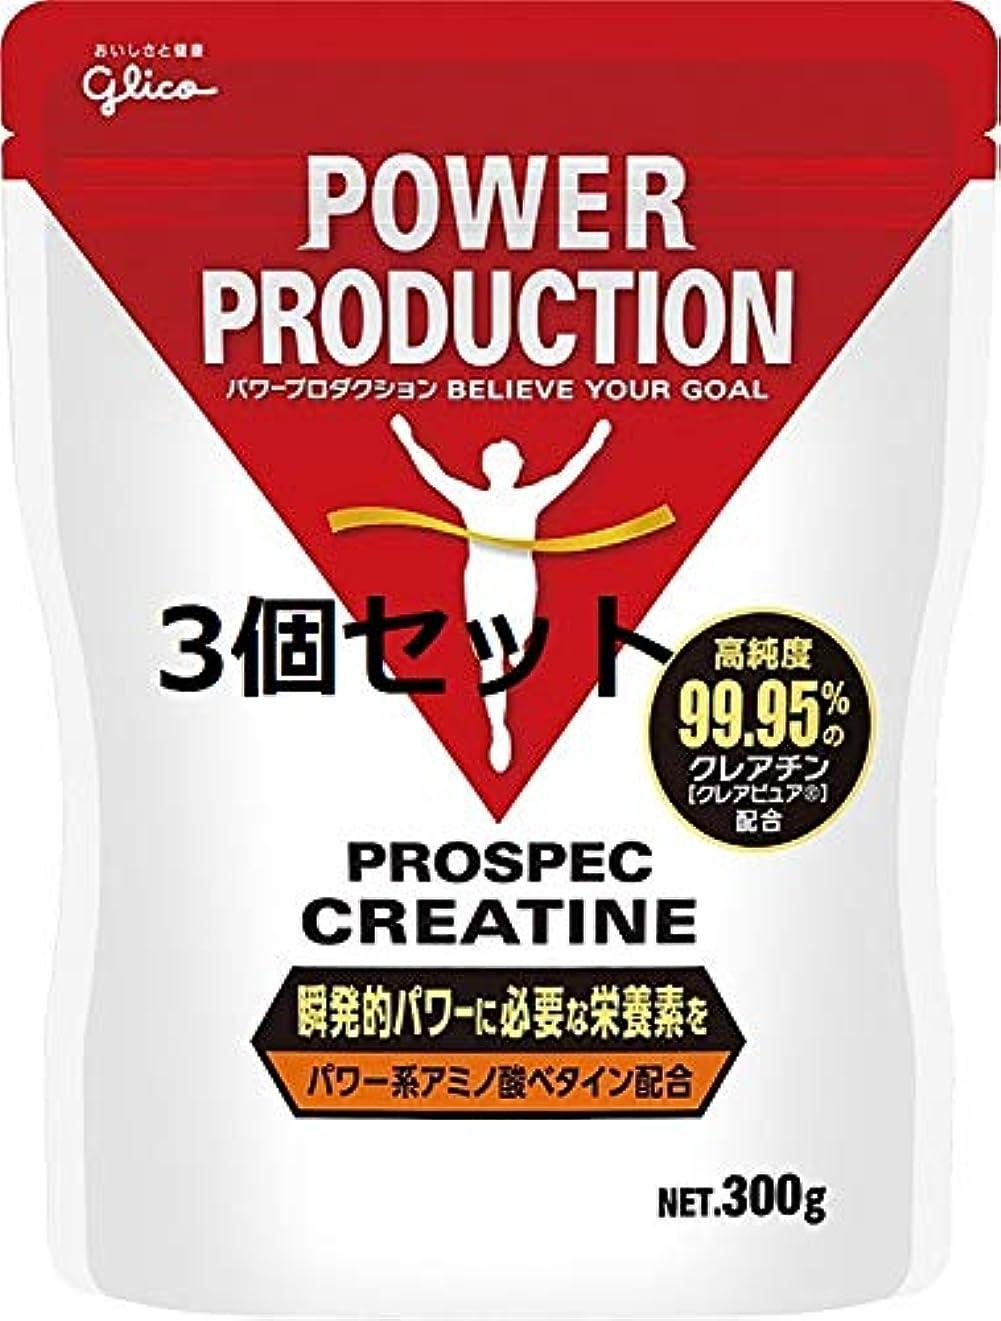 義務古風なにんじん【3個セット】グリコ アミノ酸プロスペッククレアチンパウダー PROSUPEC CREATINE 300g Glico